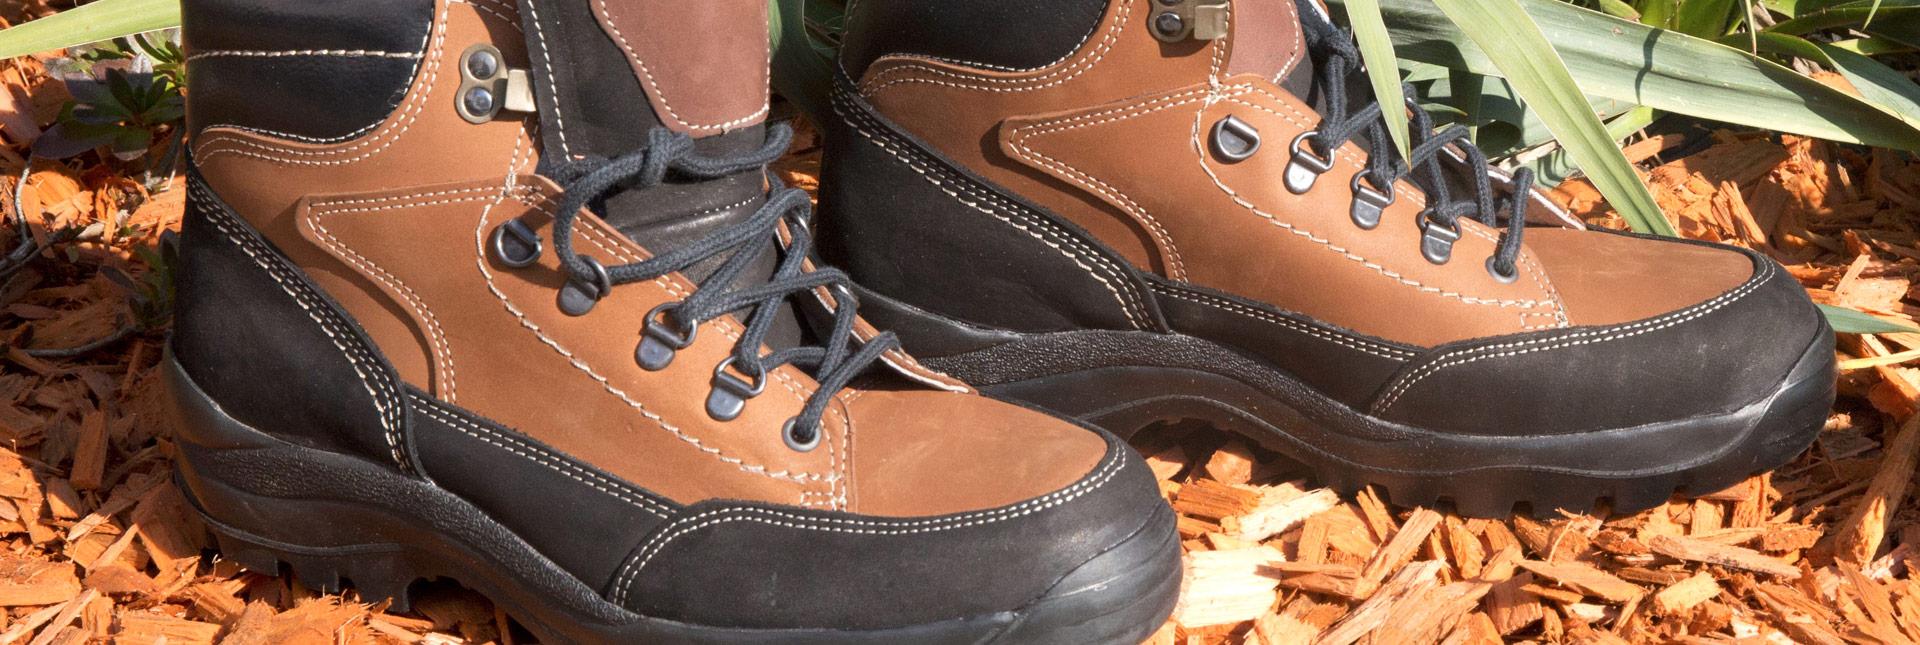 92f1d8f2f71 Redno - výroba obuvi